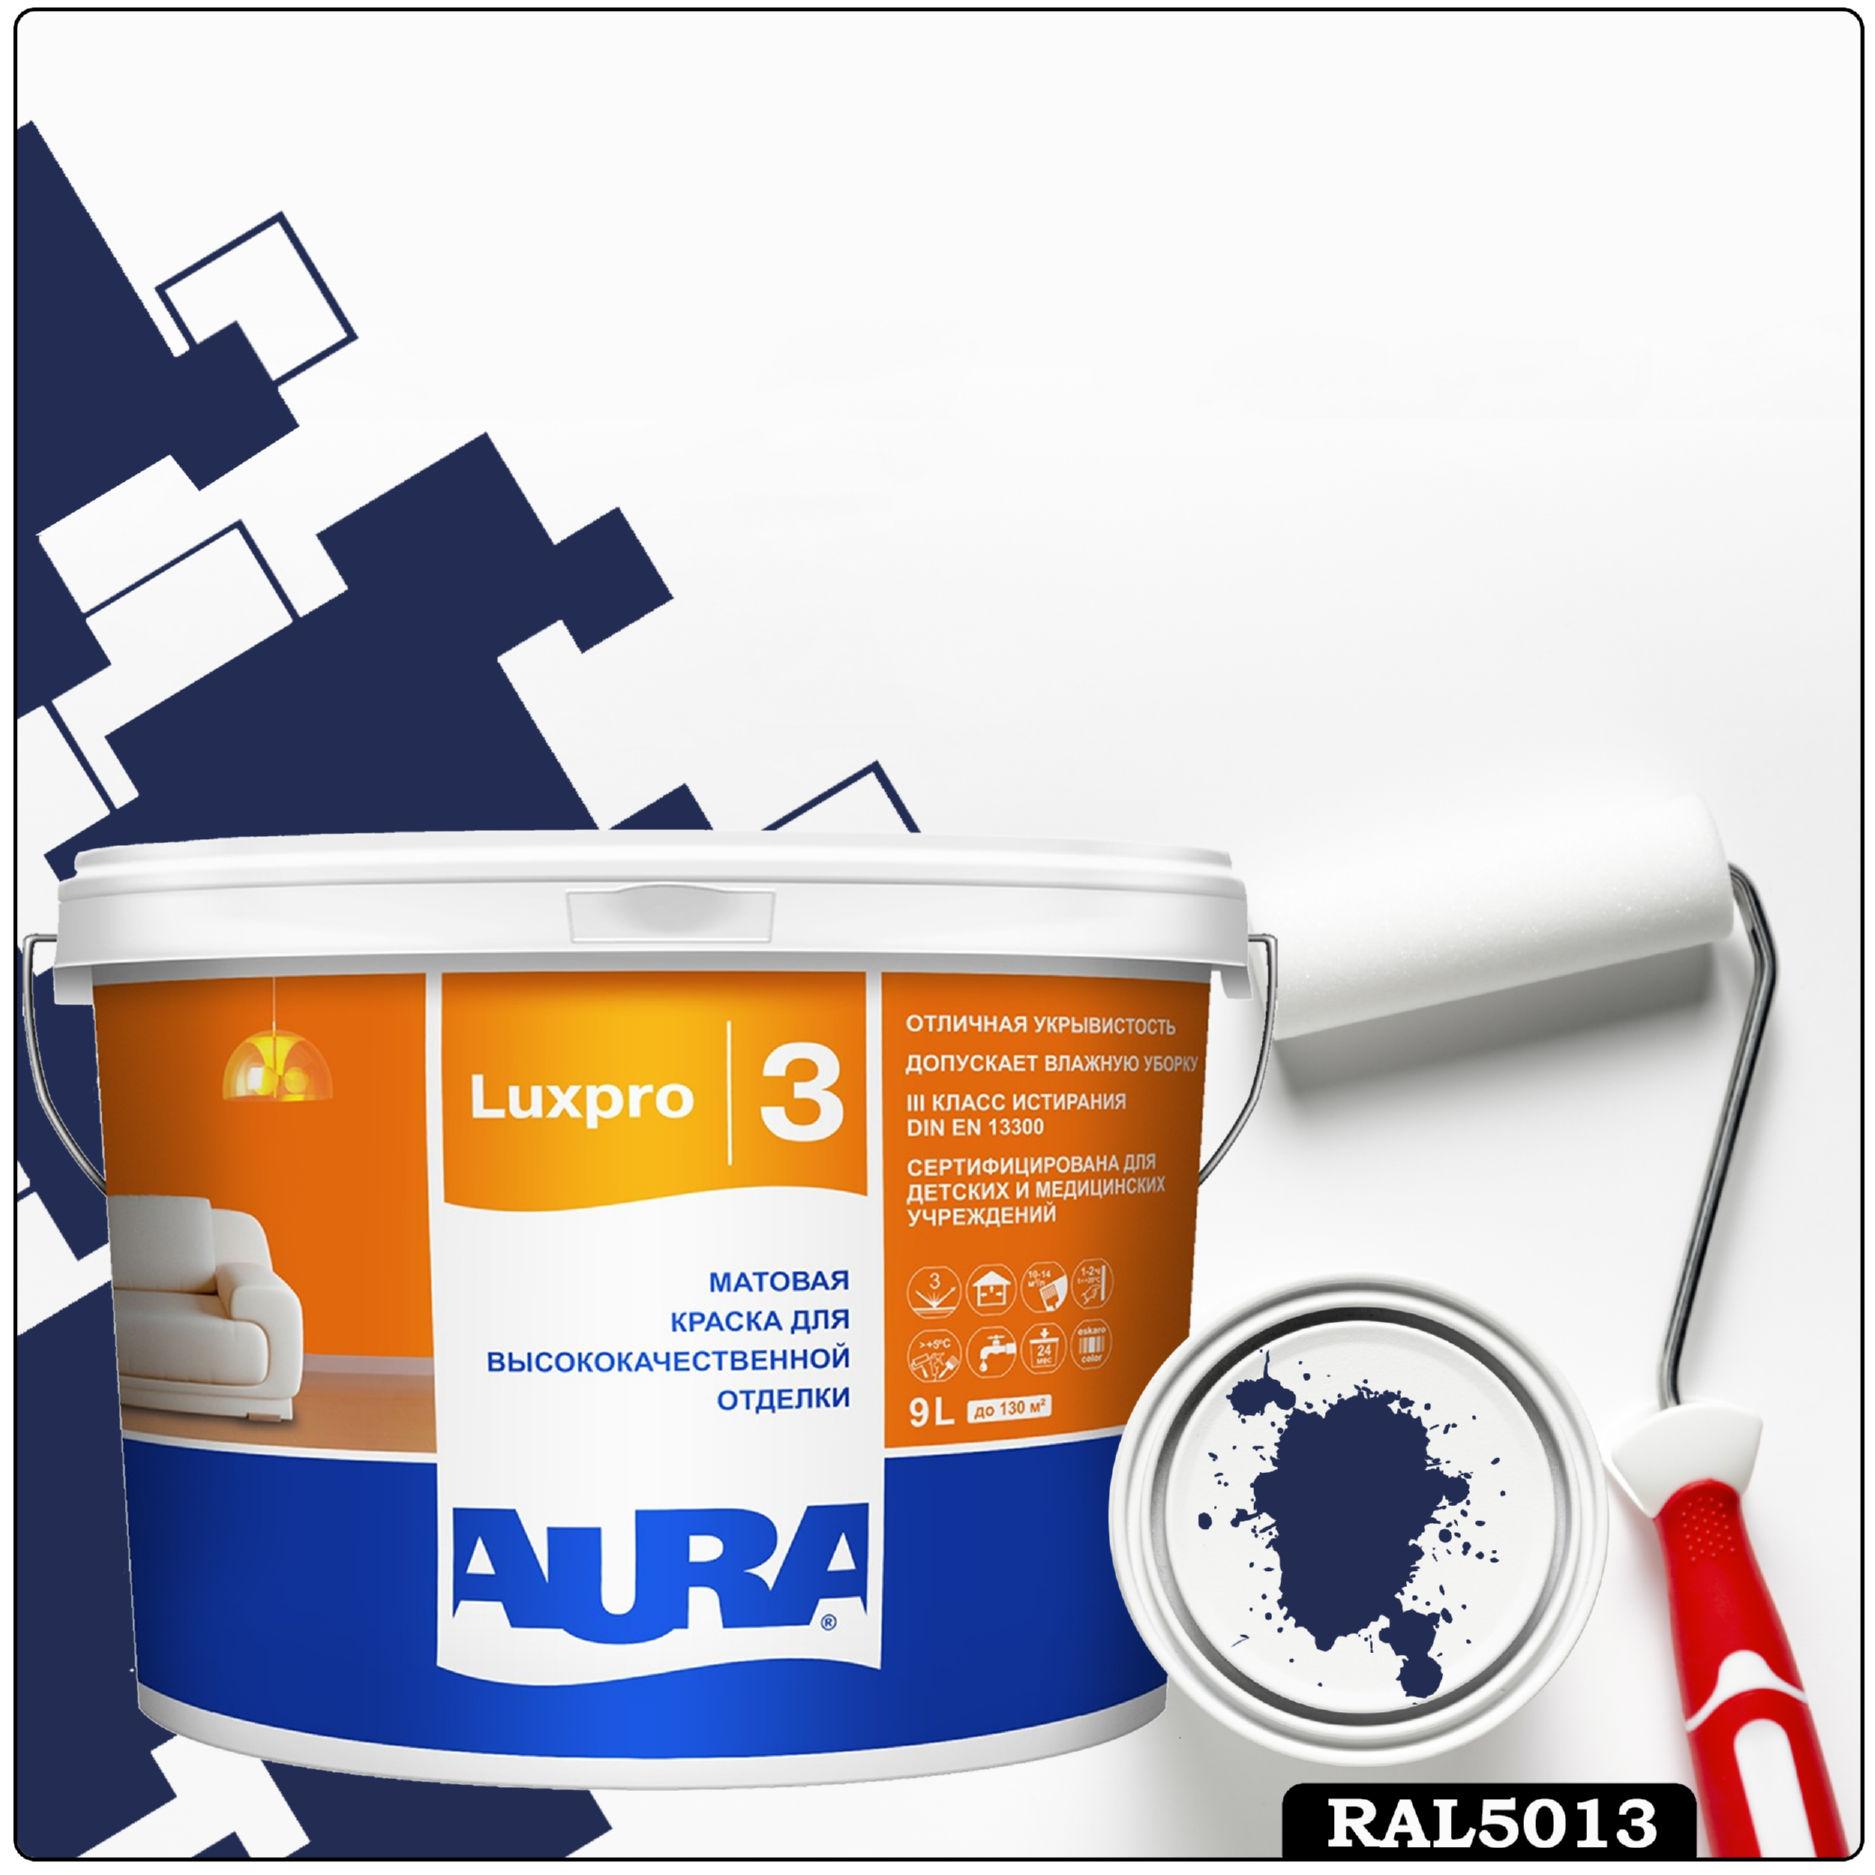 Фото 2 - Краска Aura LuxPRO 3, RAL 5013 Кобальтово-синий, латексная, шелково-матовая, интерьерная, 9л, Аура.